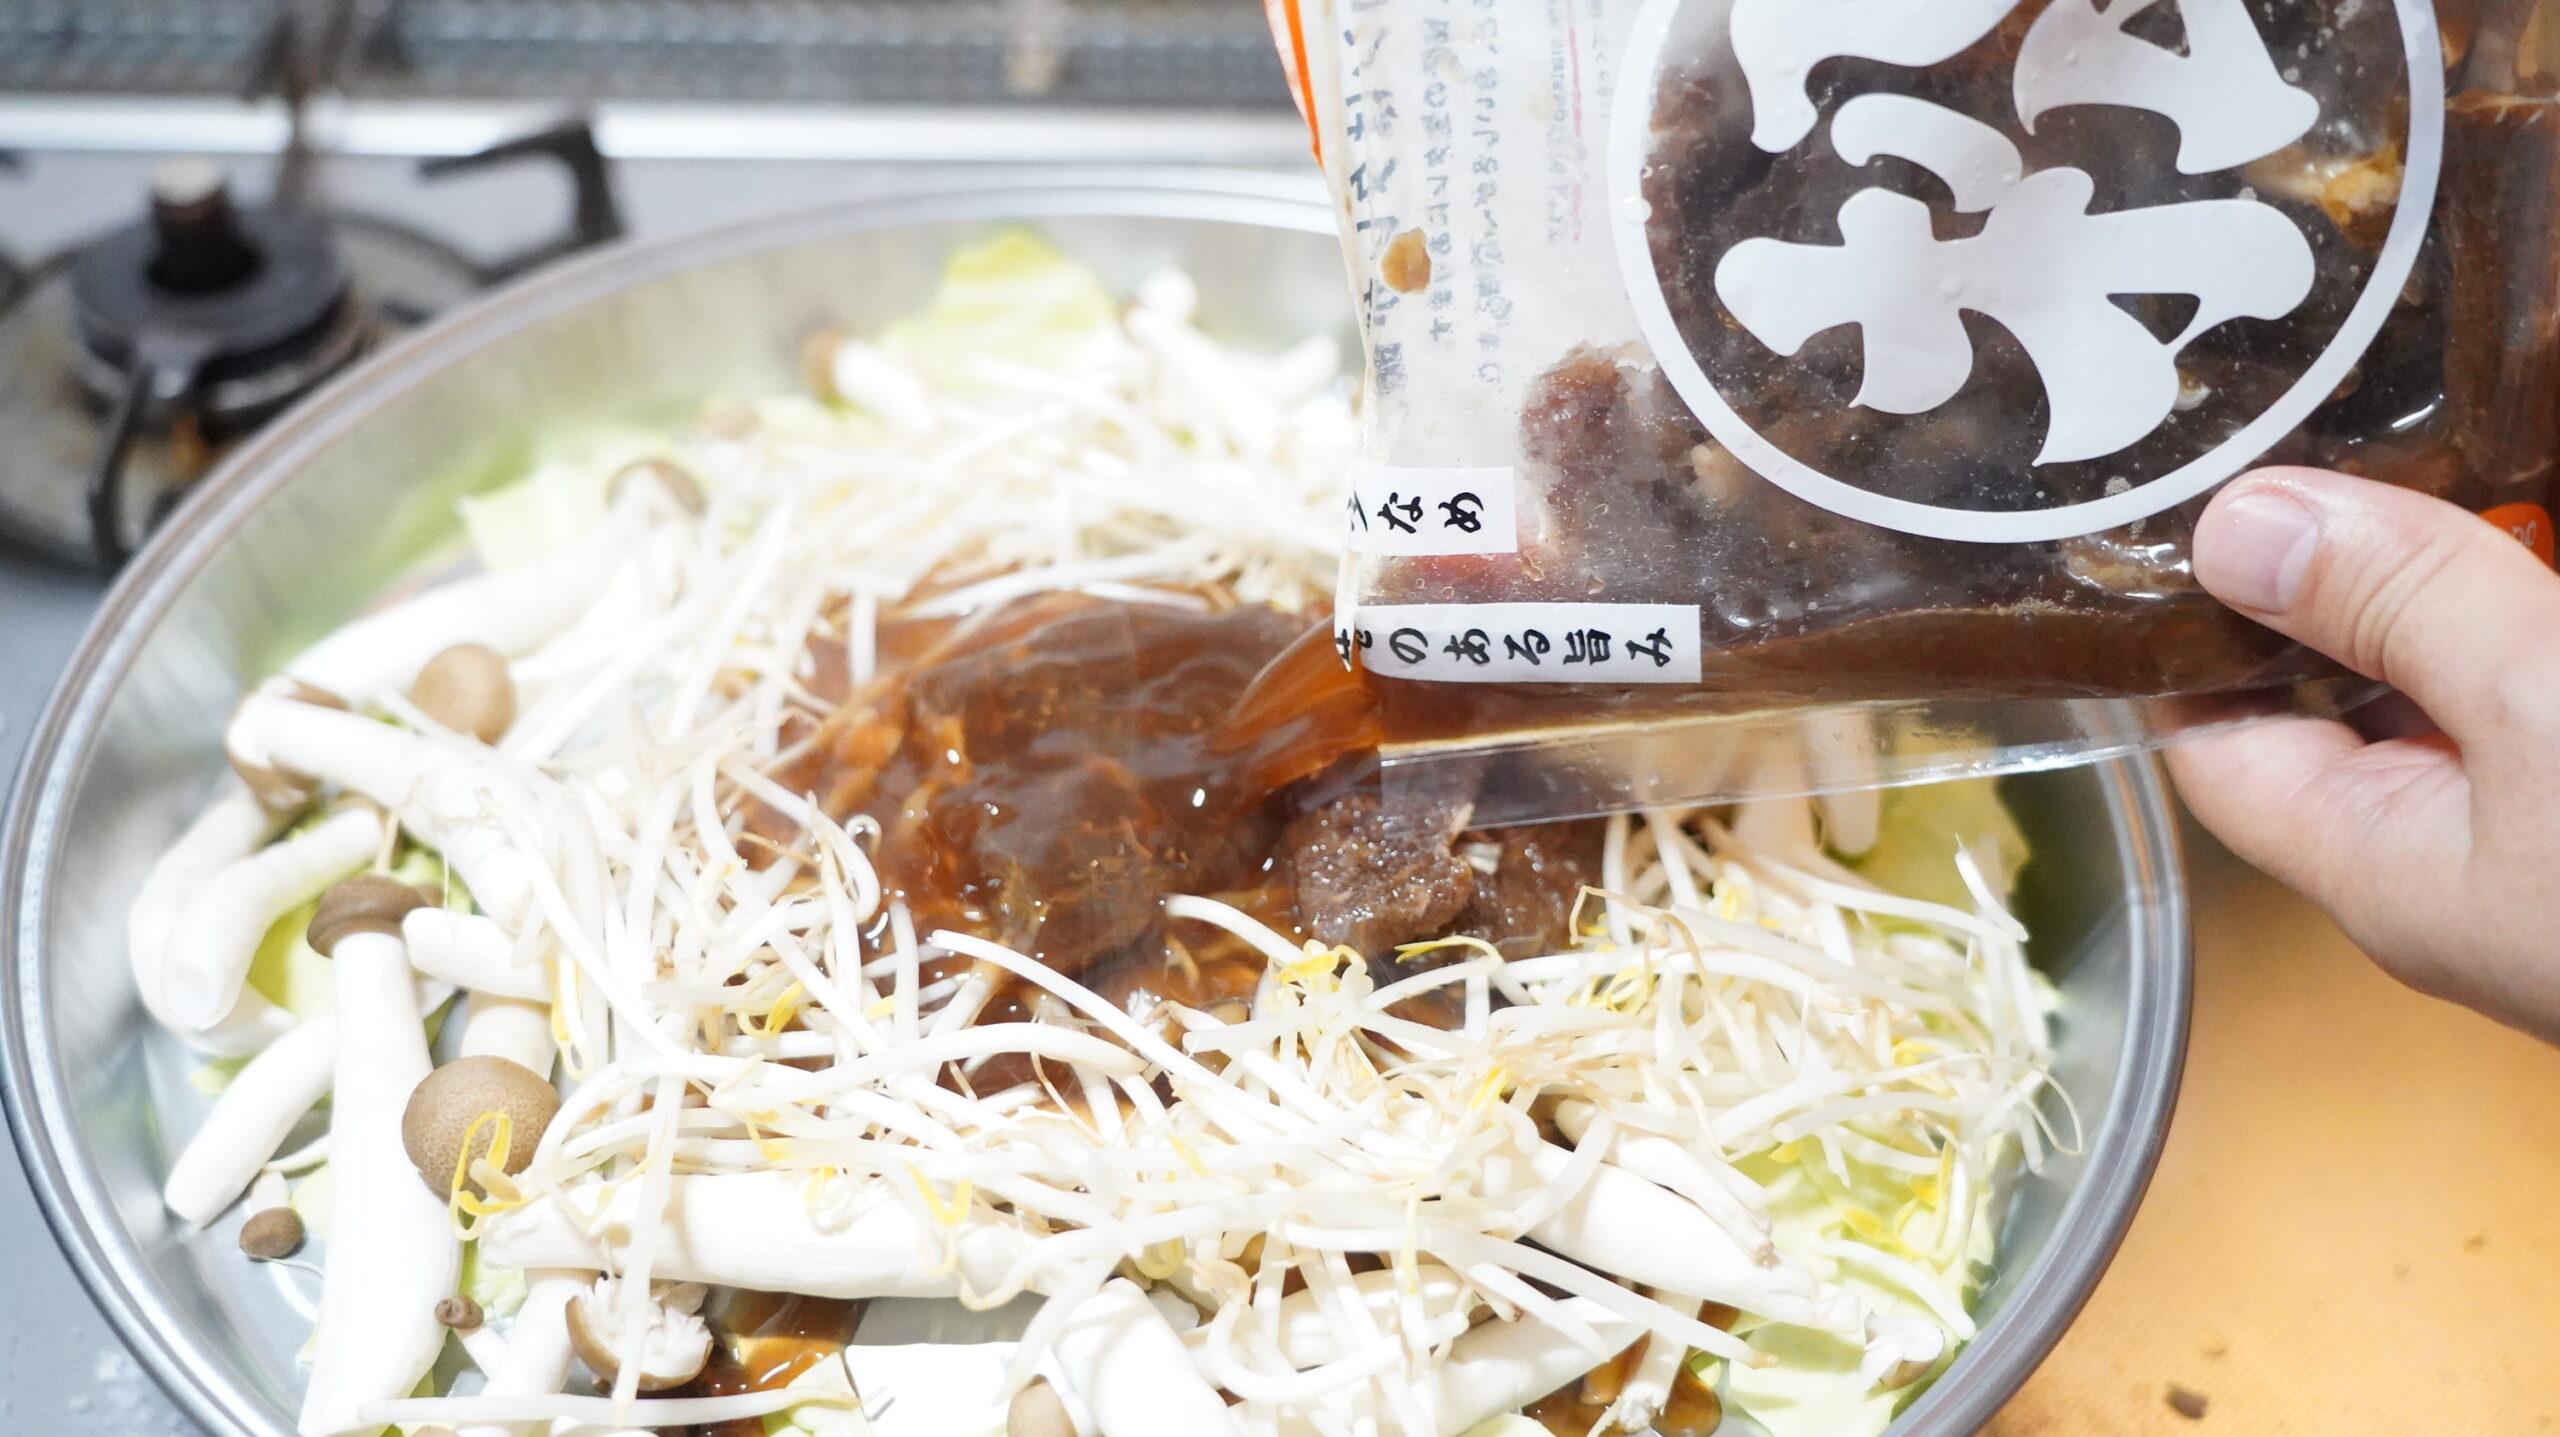 松尾ジンギスカンを通販でお取り寄せした冷凍マトン肉にタレをかけている写真